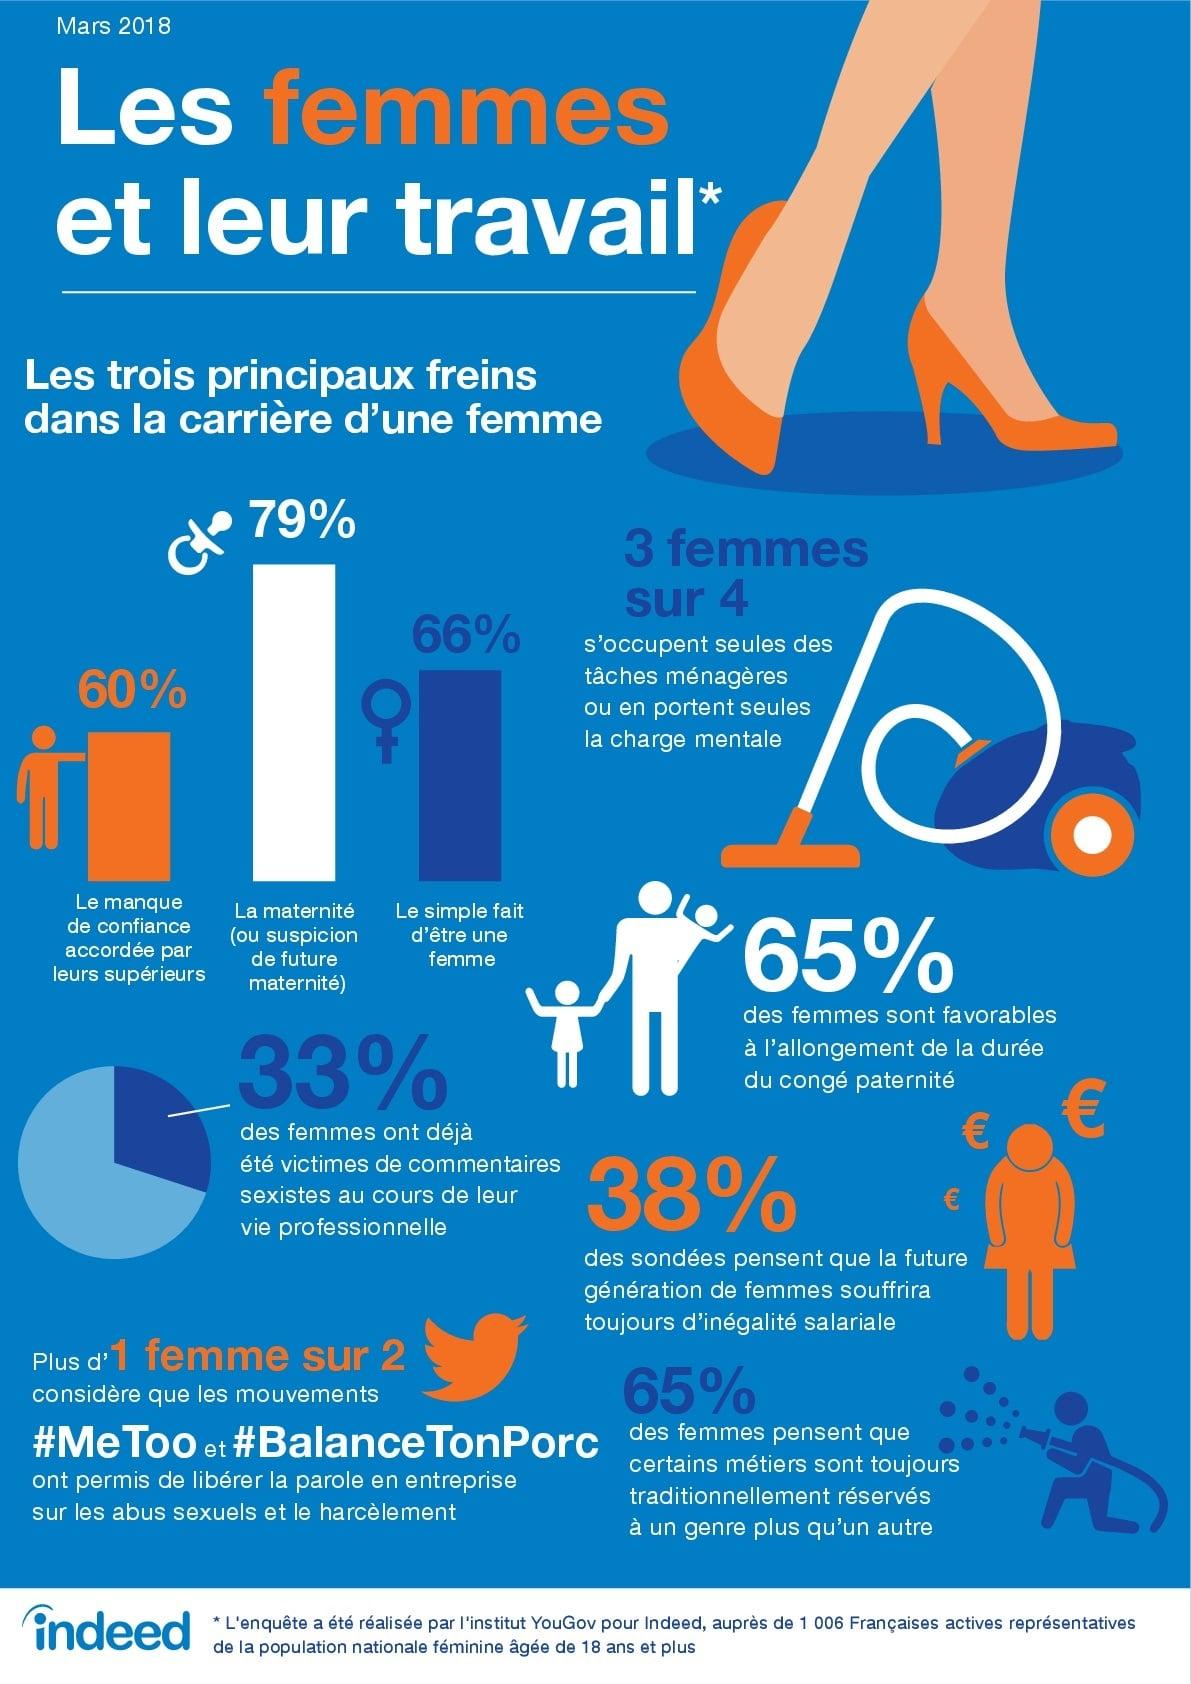 Infographie - les femmes et leur travail